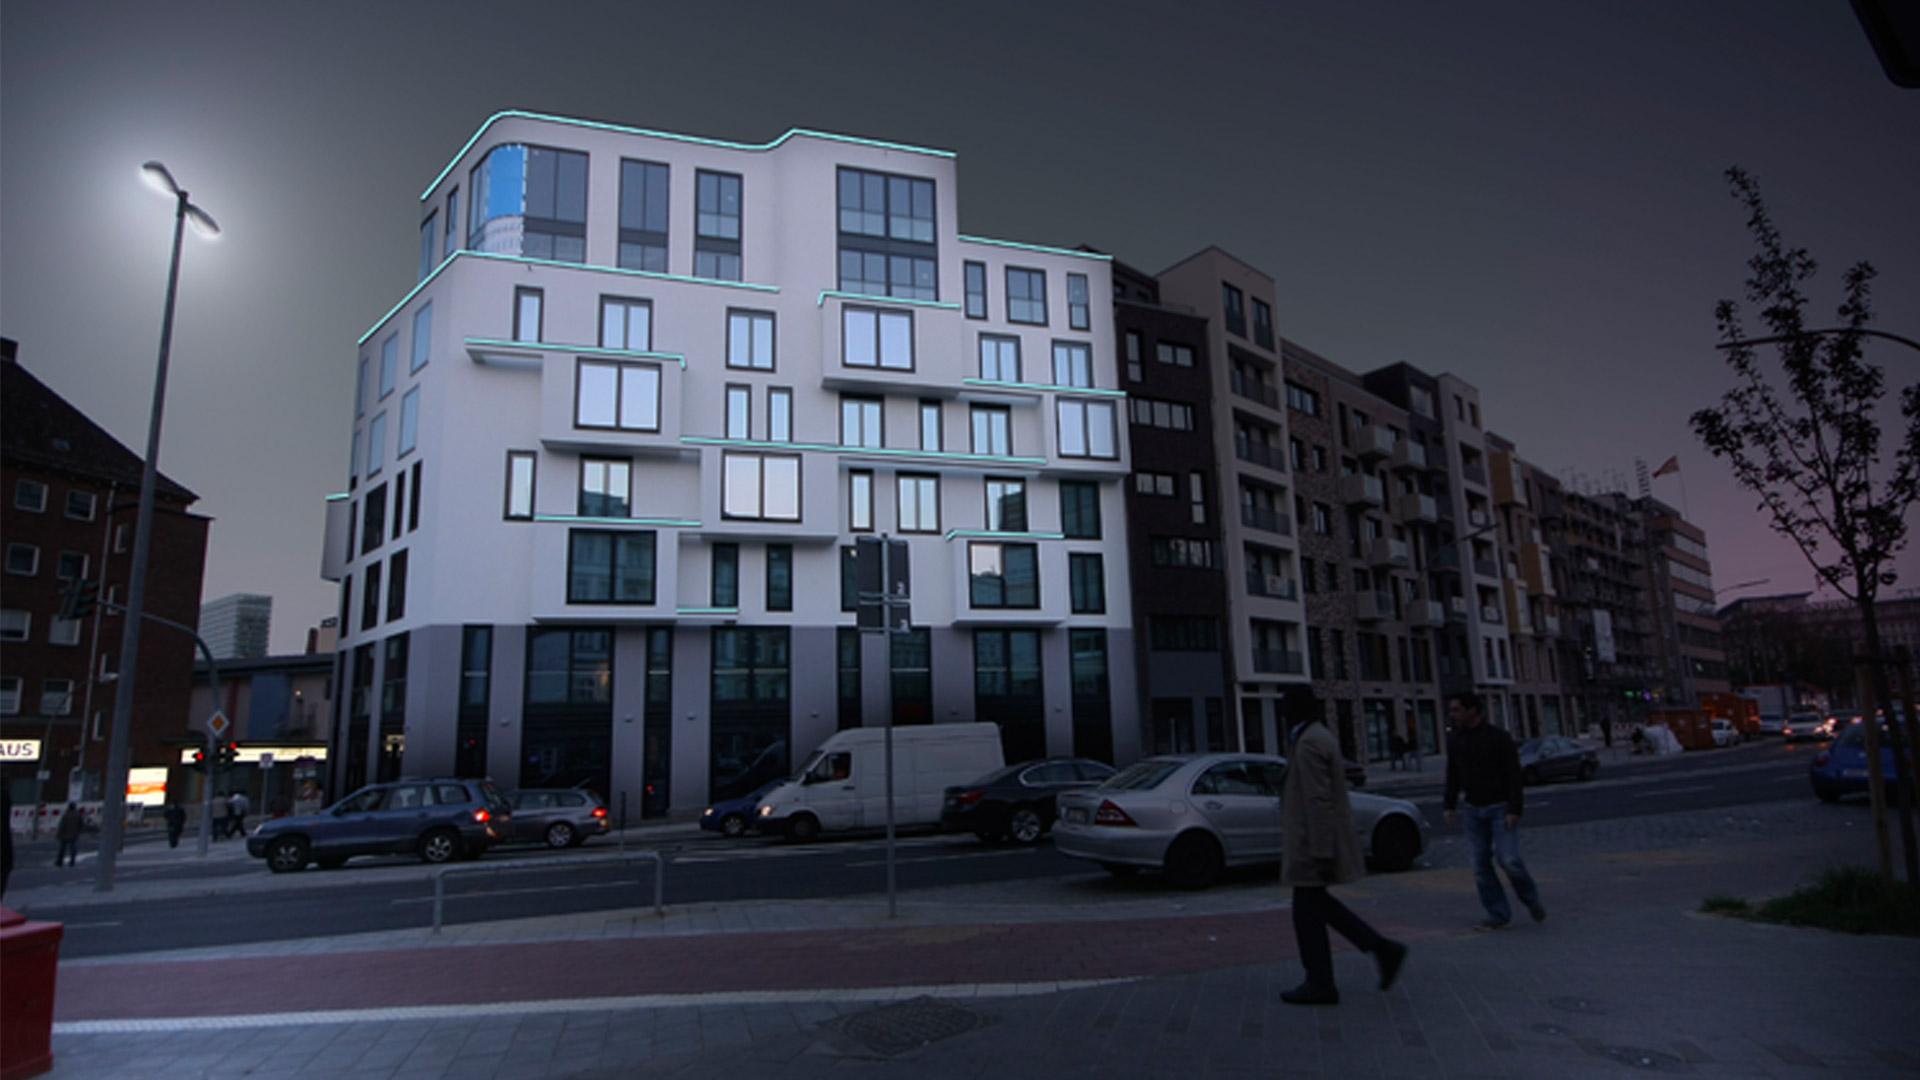 MAASS-Lichtplanung_Fassadenbeleuchtung Steinkreuzquartier in Hamburg__MAASS-Fassadenbeleuchtung-Steinkreuzquartier-002